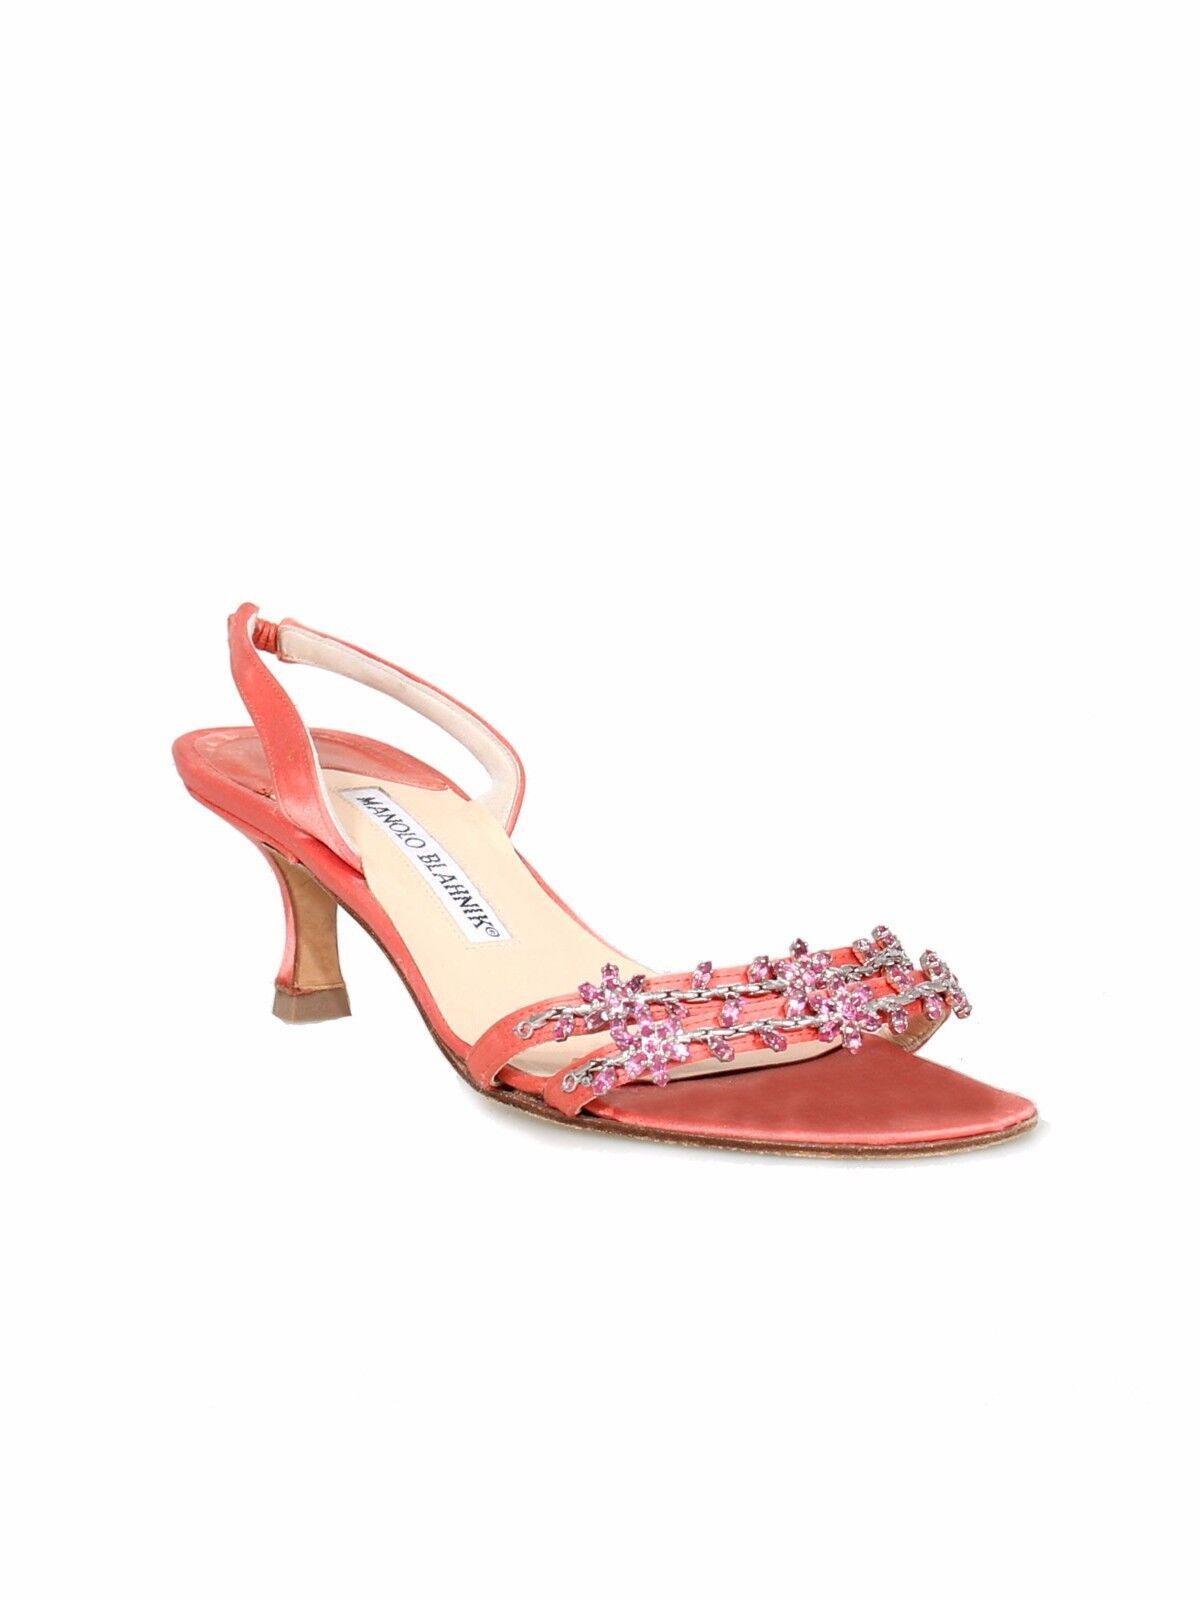 MANOLO BLAHNIK Embellished Embellished Embellished Satin Sandals 6b8a21